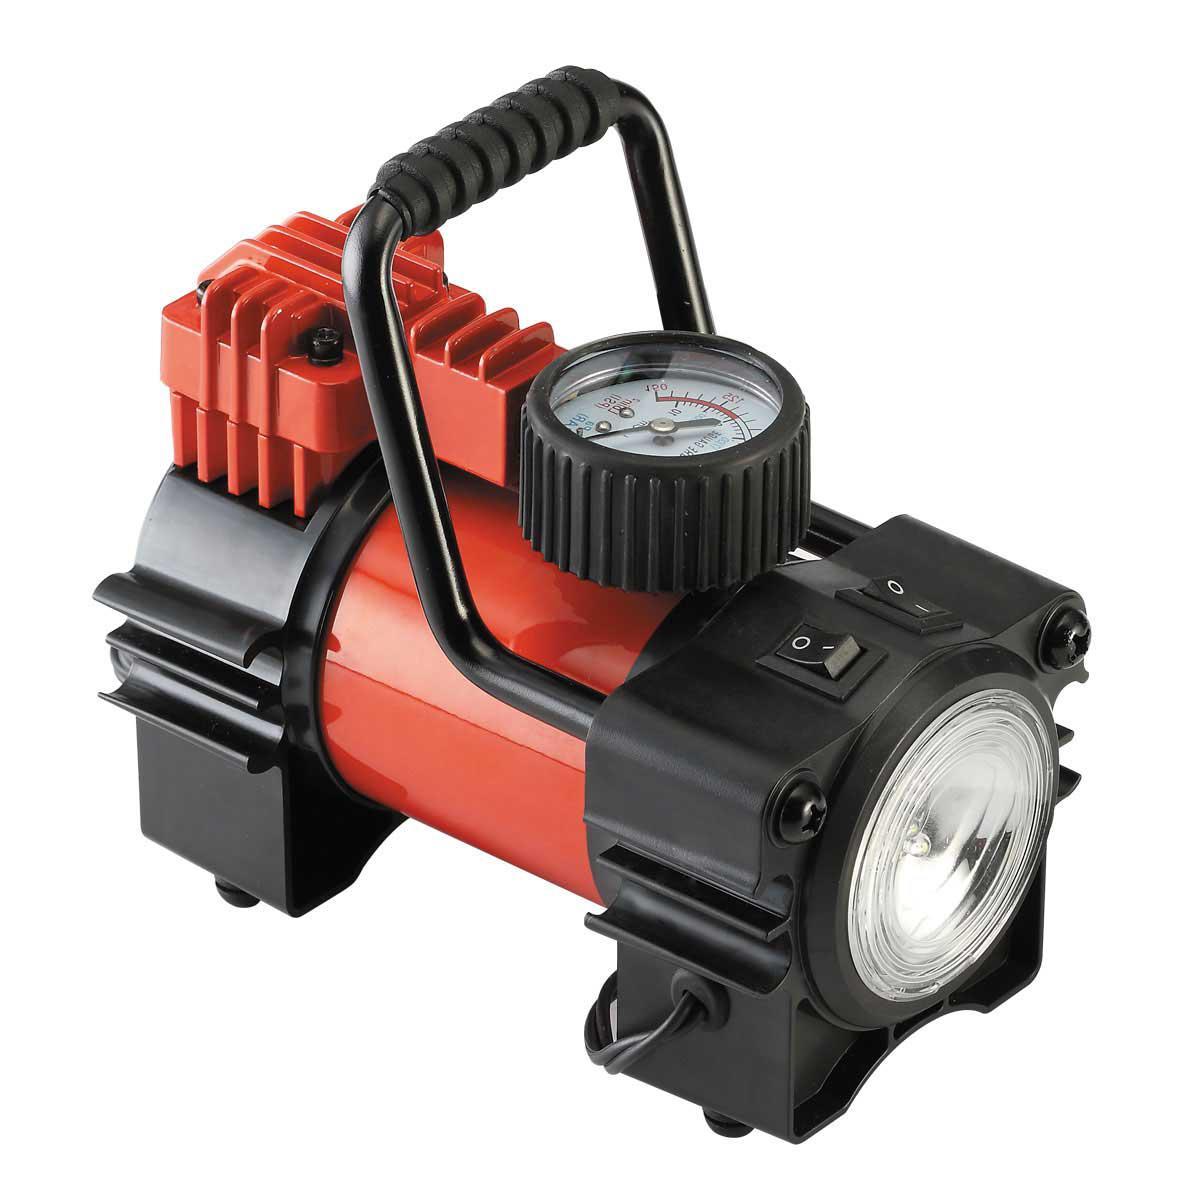 Компрессор Zipower Pm6507 автомобильный компрессор с пылесосом zipower pm 6510 15л мин